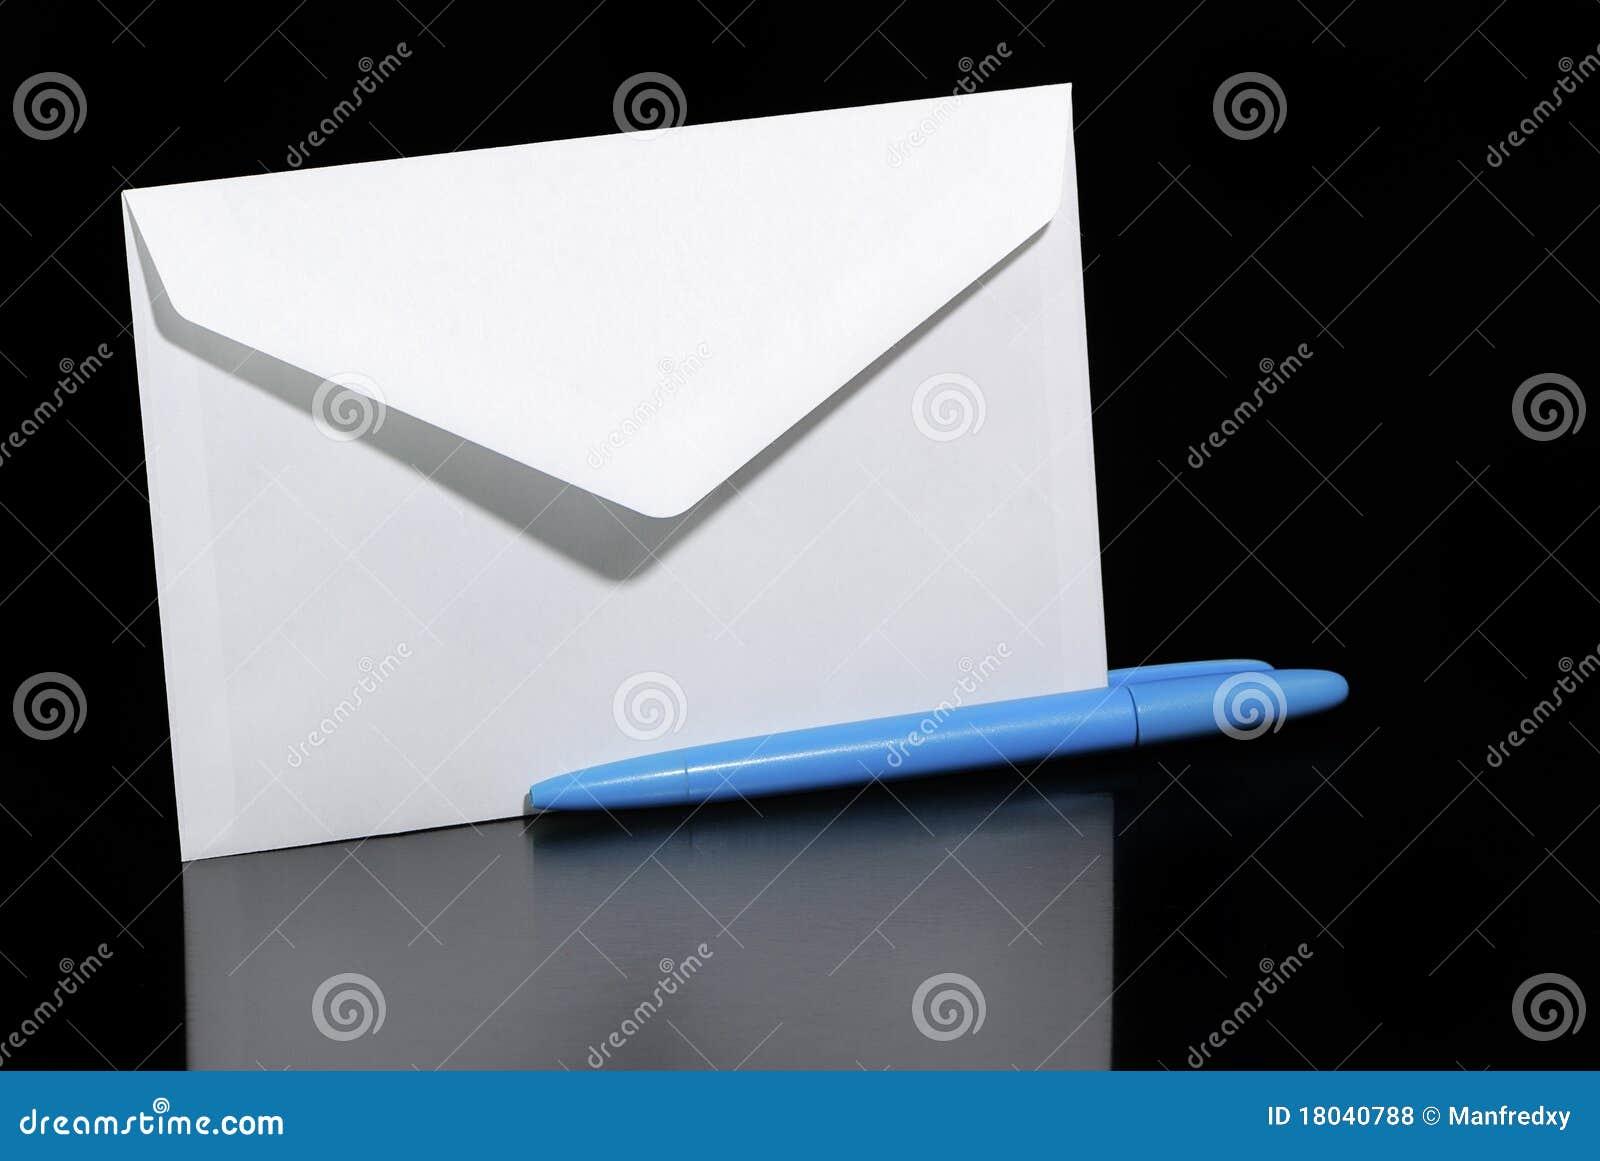 De envelop en biro van de brief